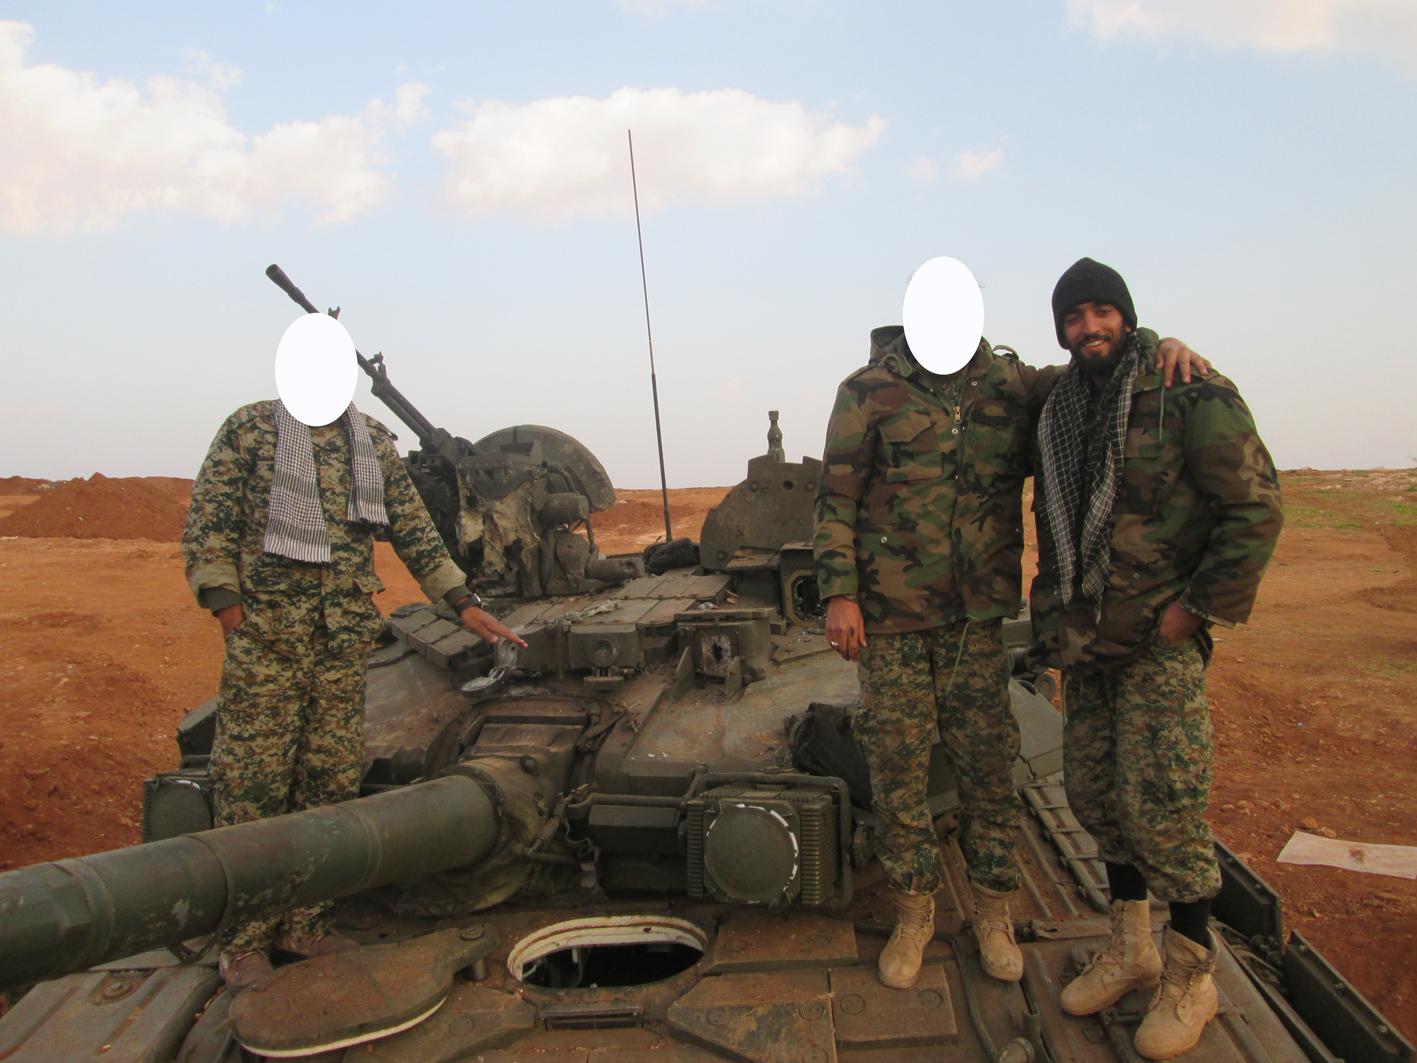 جدیدترین تصاویر «محسن حججی» در سوریه+ گزارش تصویری جدیدترین تصاویر «محسن حججی» در سوریه+ گزارش تصویری جدیدترین تصاویر «محسن حججی» در سوریه+ گزارش تصویری                                                7